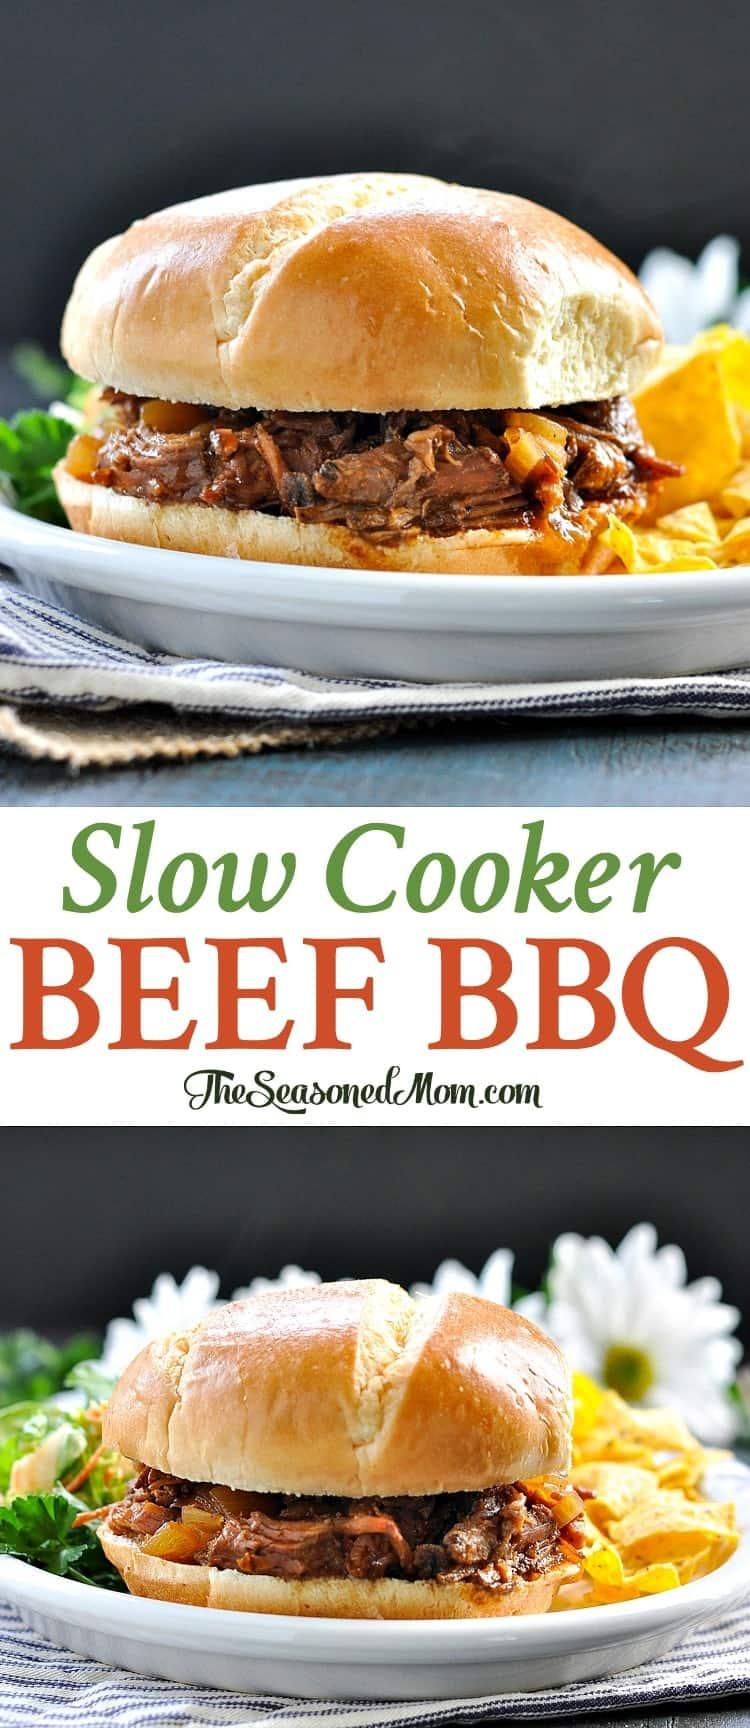 Slow Cooker Beef Barbecue | Crock Pot Recipes | Slow Cooker Recipes | Beef Recipes | Slow Cooker Meals | Easy Dinner Recipes | Dinner Ideas | Pot Roast Crock Pot Recipes